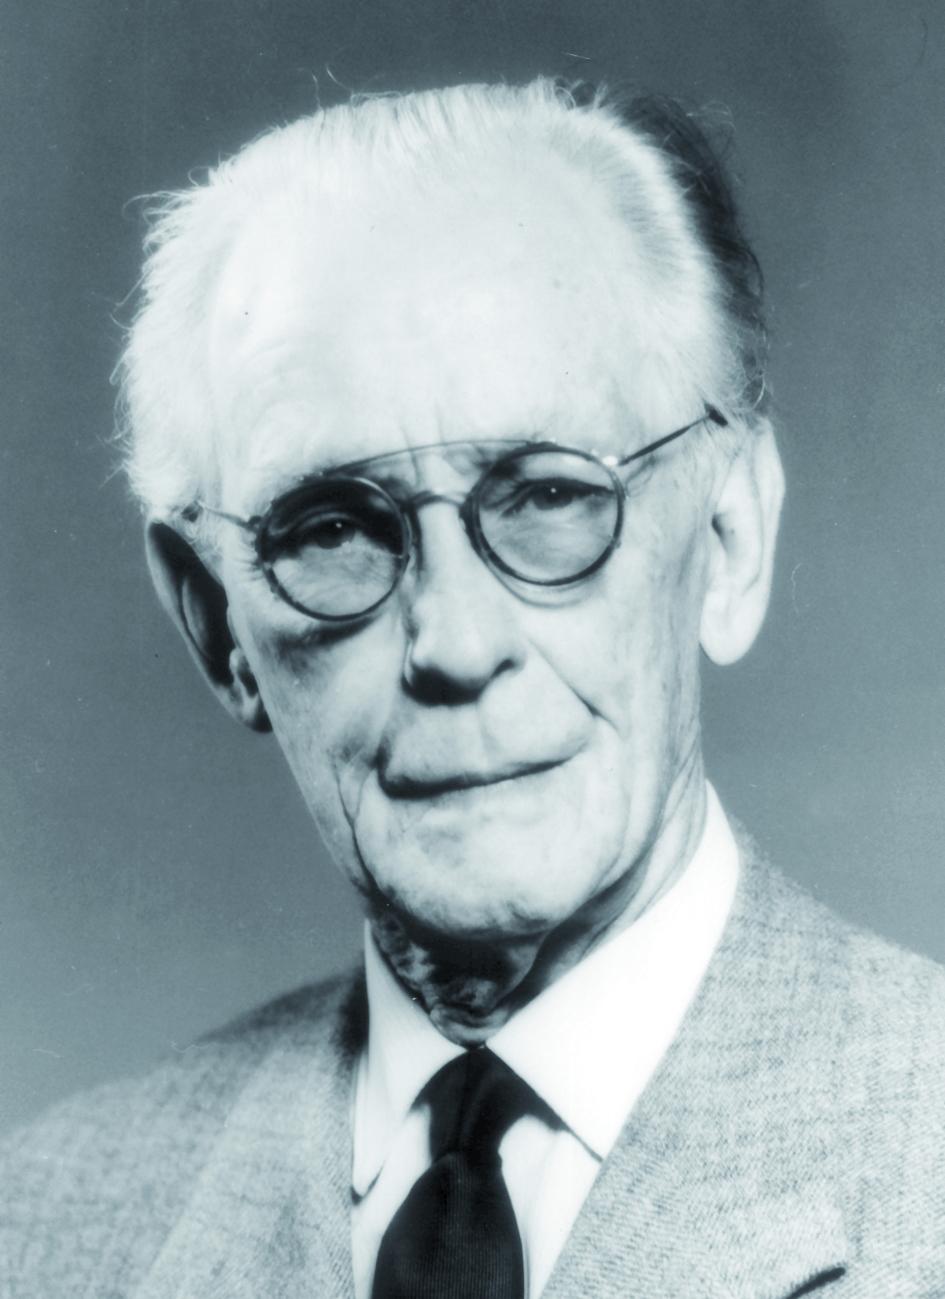 Portraitfoto von Herrn Elis Berven.